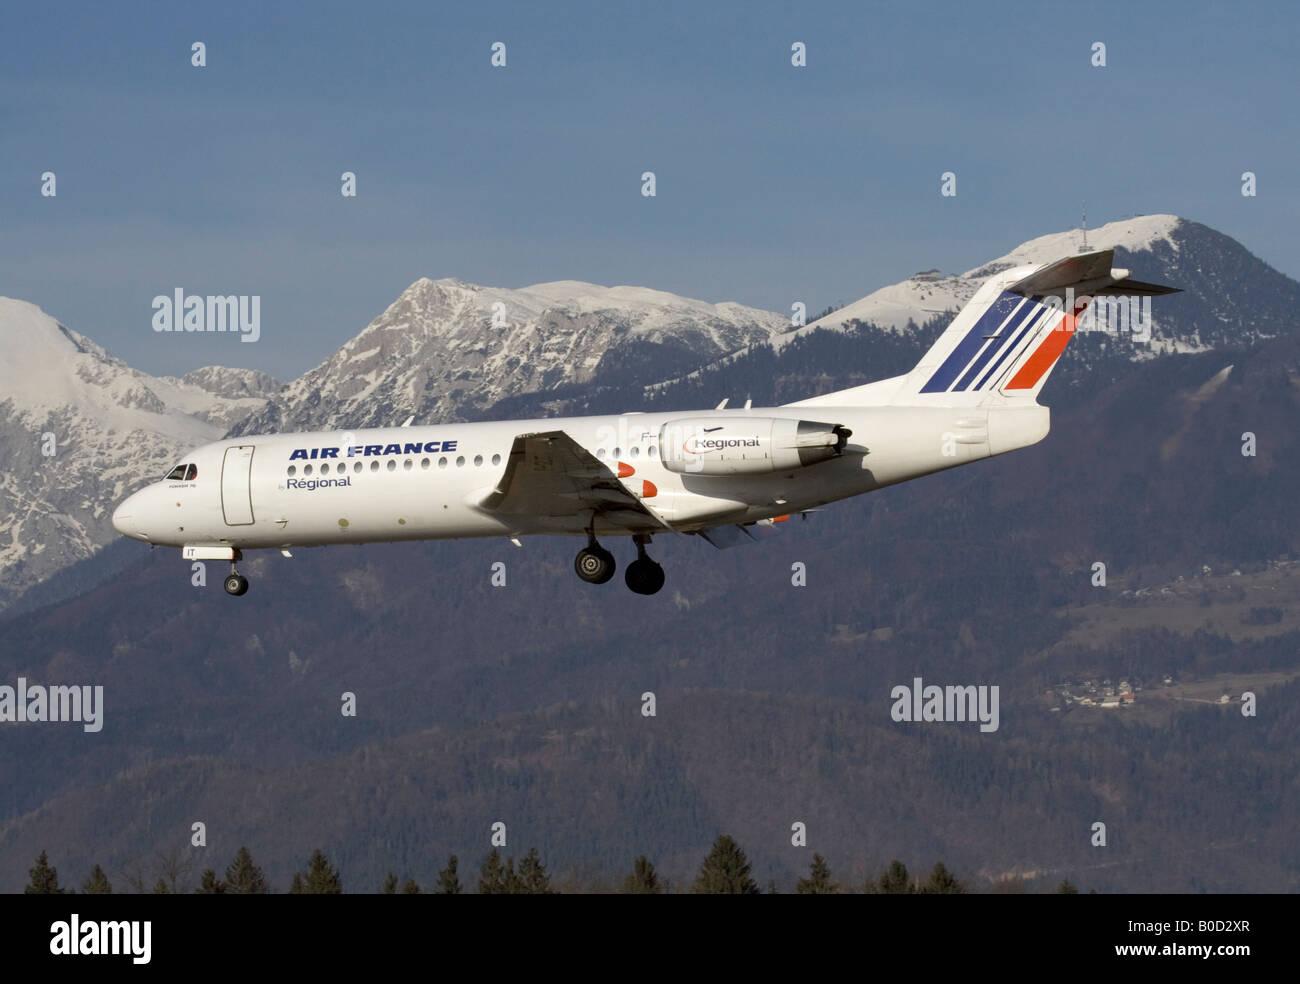 Commerciale viaggi dell'aria. Air France Fokker 70 jet atterraggio aereo con le montagne sullo sfondo, che simboleggiano Immagini Stock